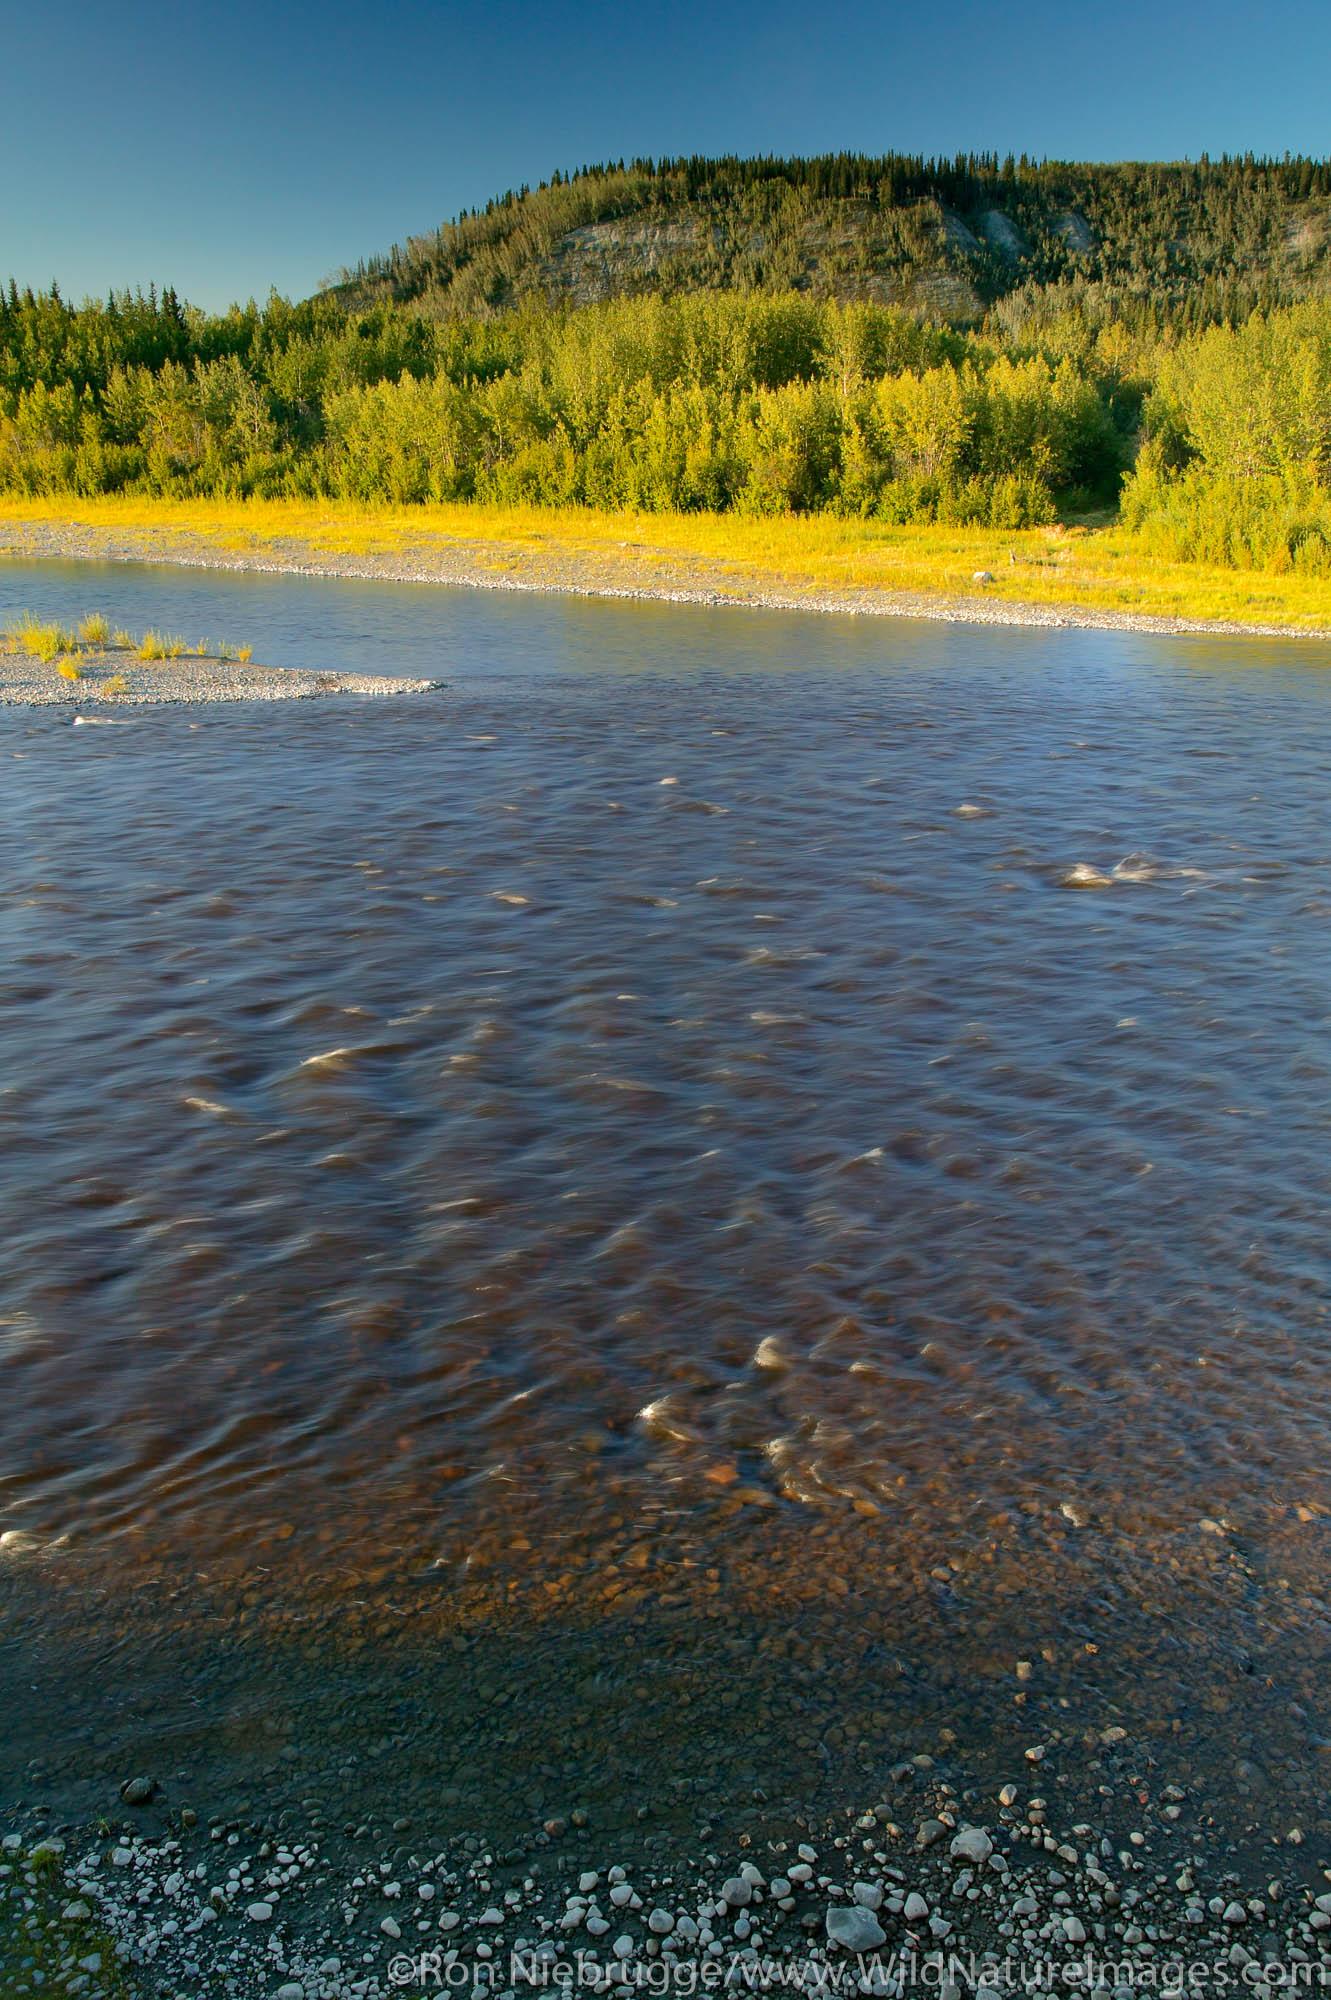 The Gulkana River, Copper River Valley, Alaska.